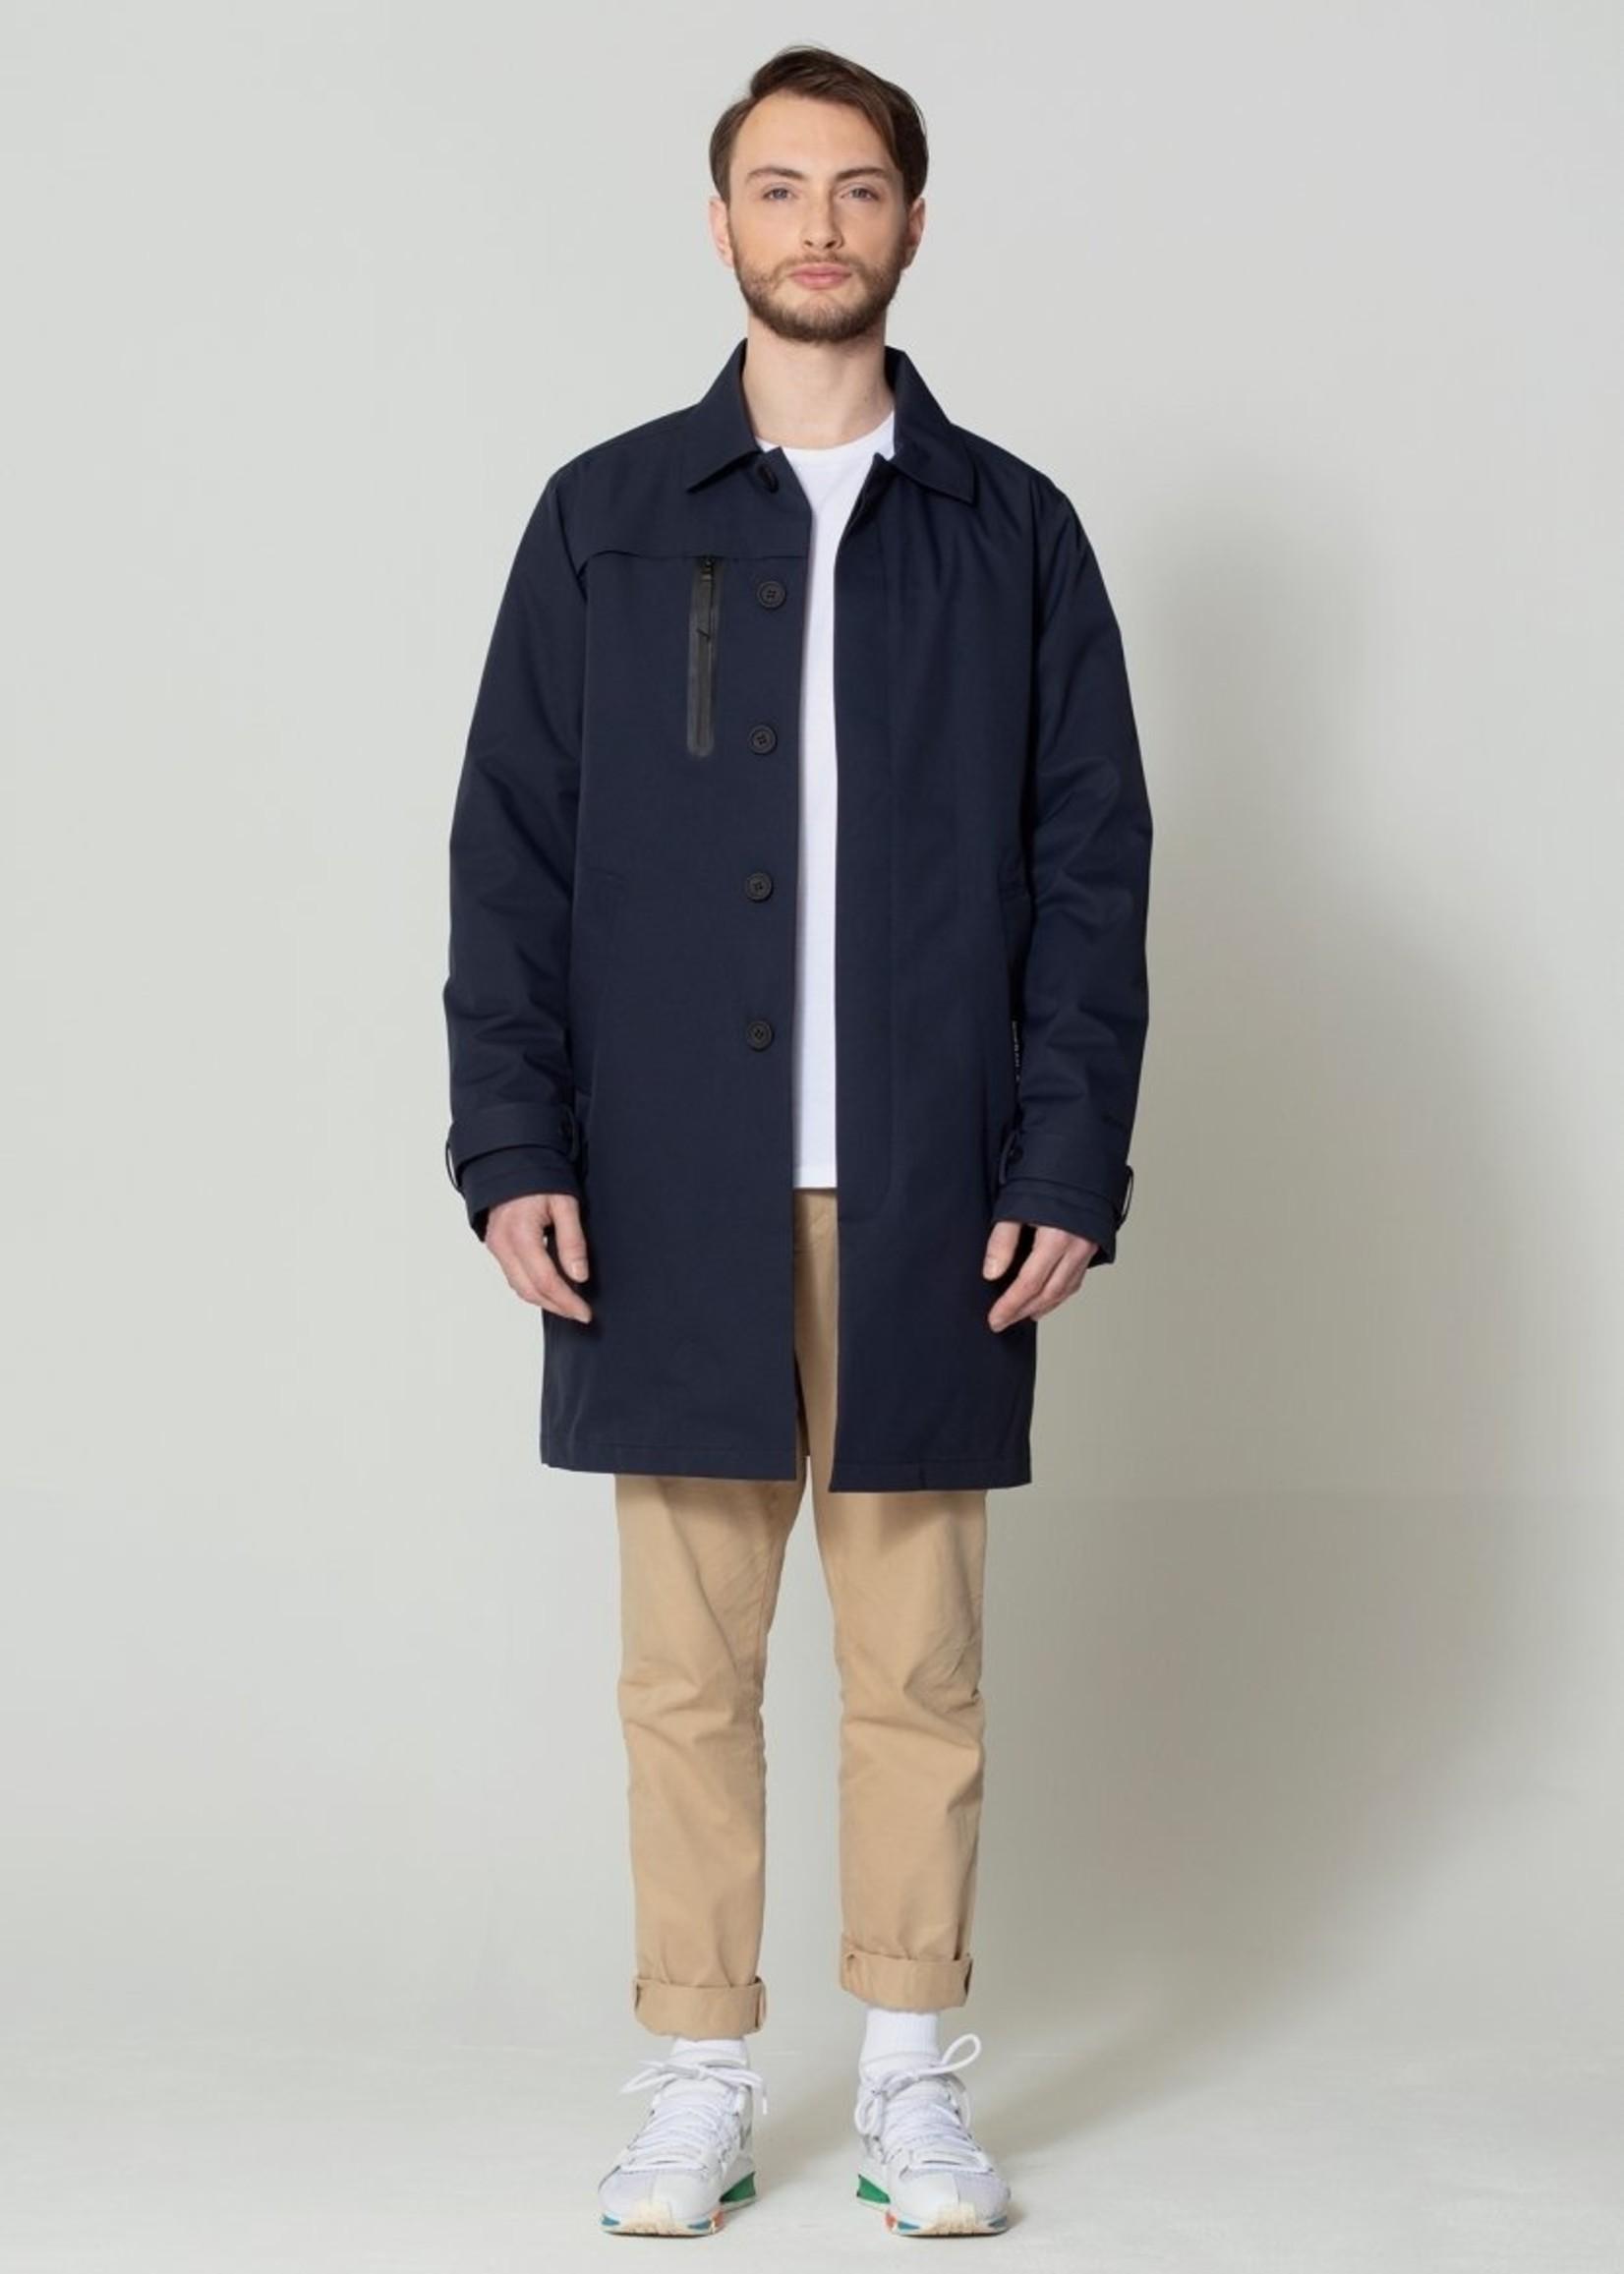 Gofranck Year Jacket